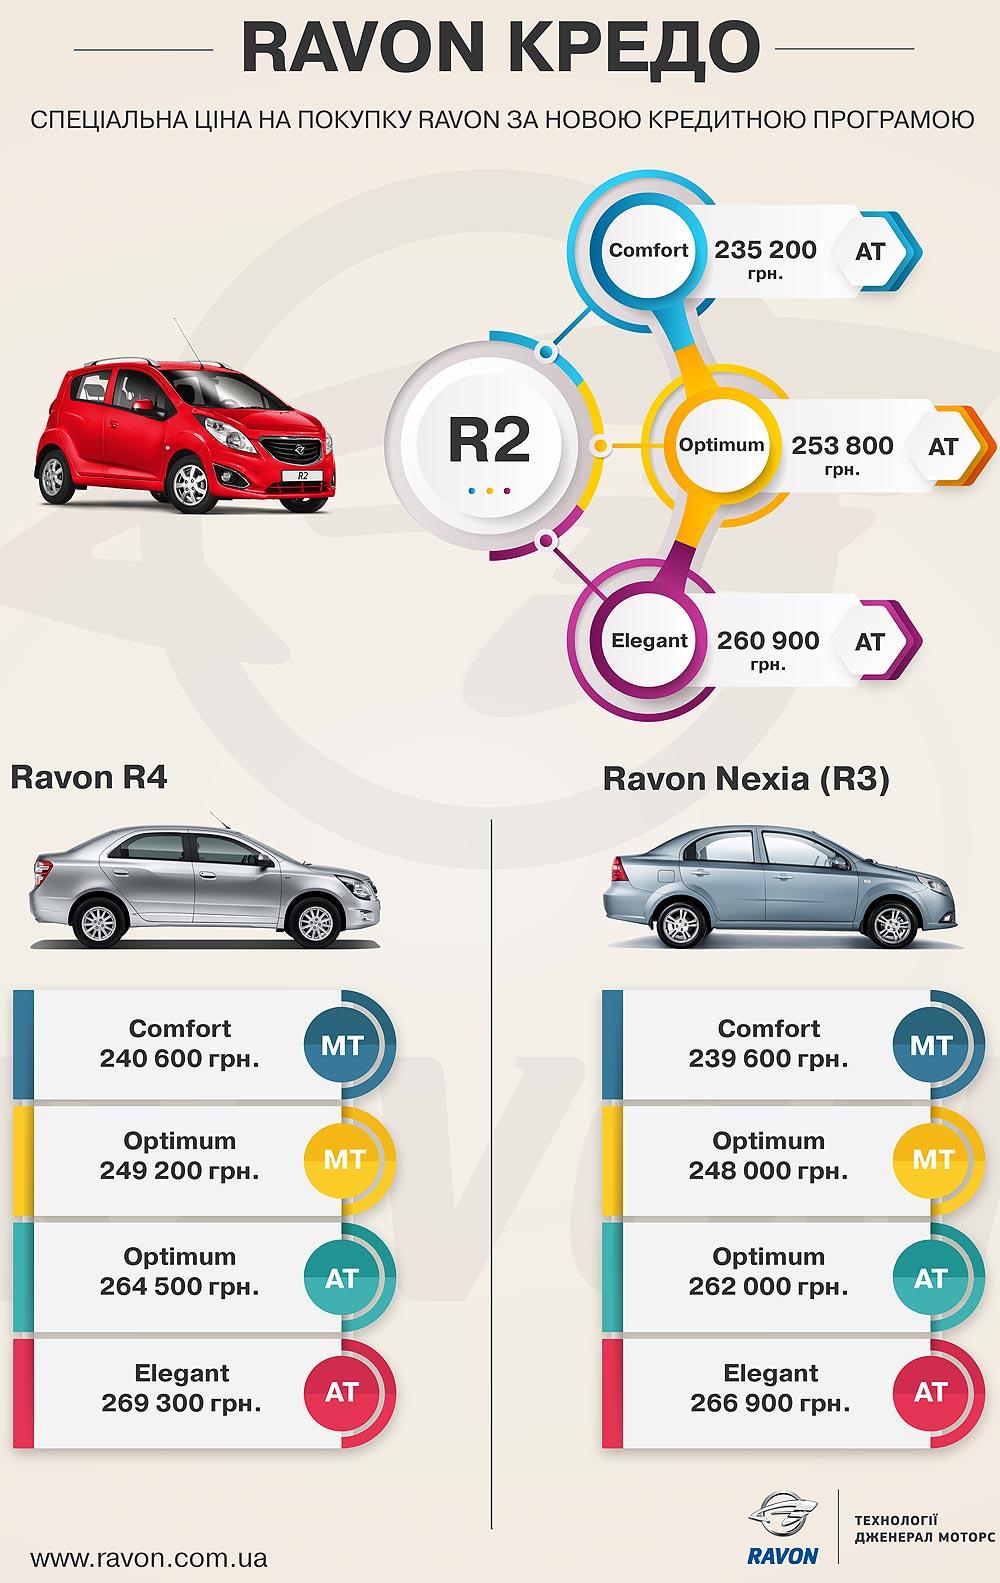 Ravon Кредо. На Ravon установлены специальные цены по новой кредитной программе. Инфографика - Ravon